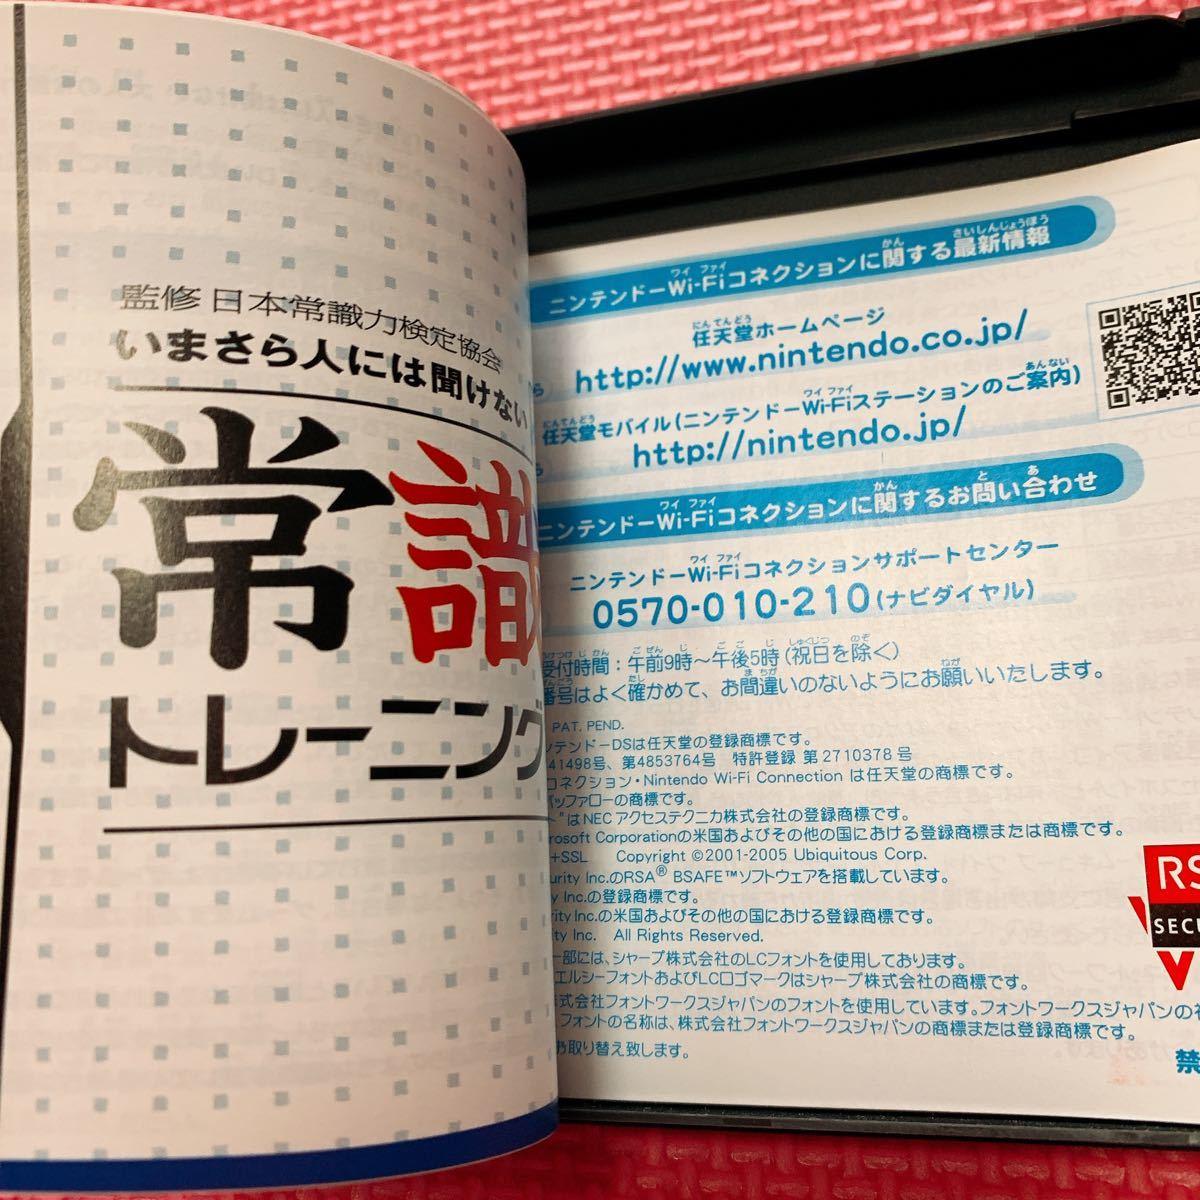 監修 日本常識力検定協会 いまさら人には聞けない 大人の常識力トレーニング DS